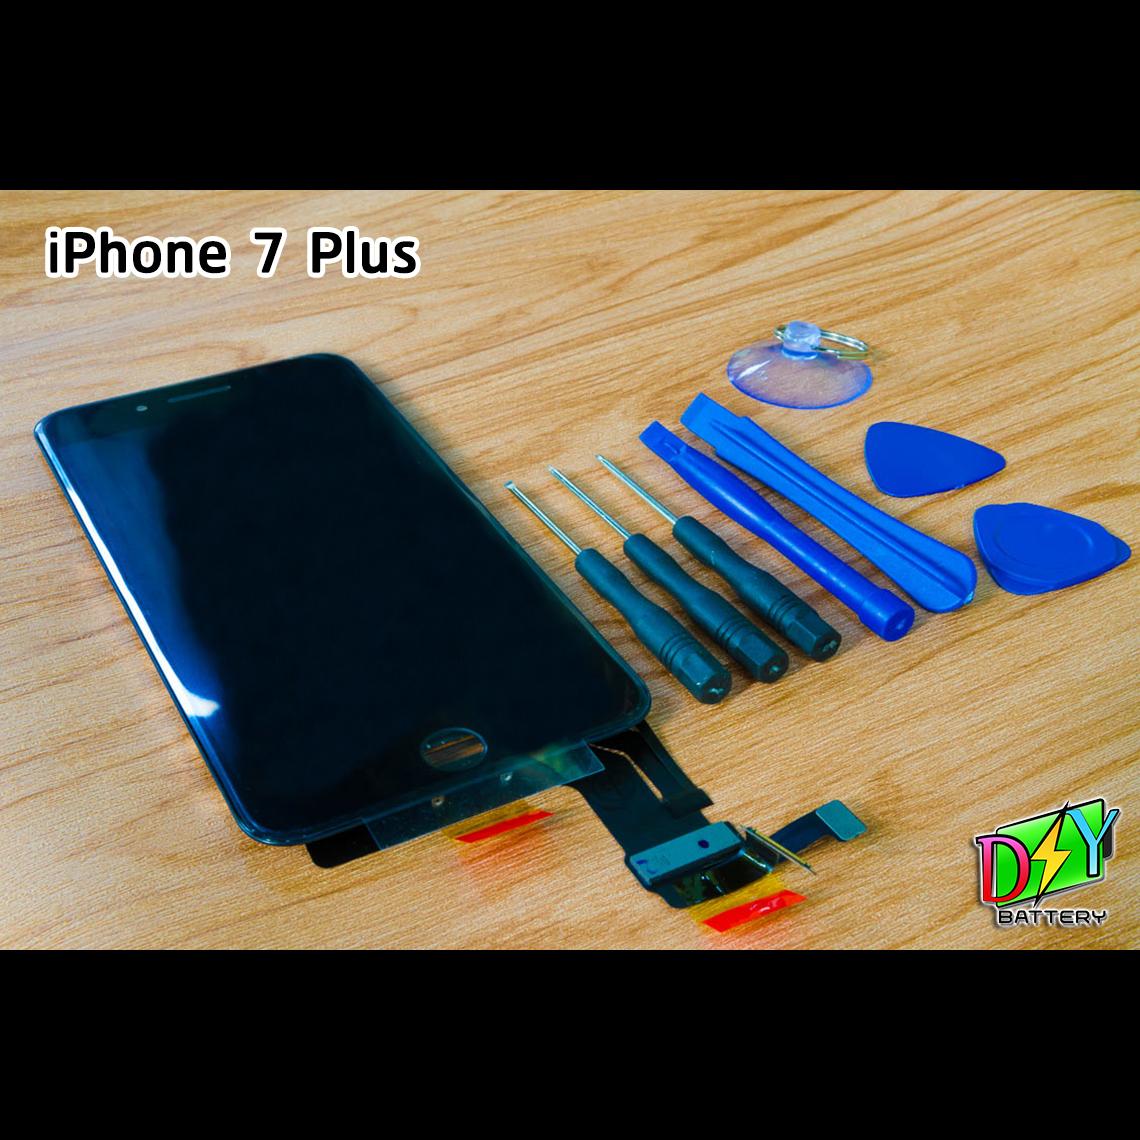 หน้าจอ iPhone 7 Plus พร้อมชุดอุปกรณ์เปลี่ยนหน้าจอ